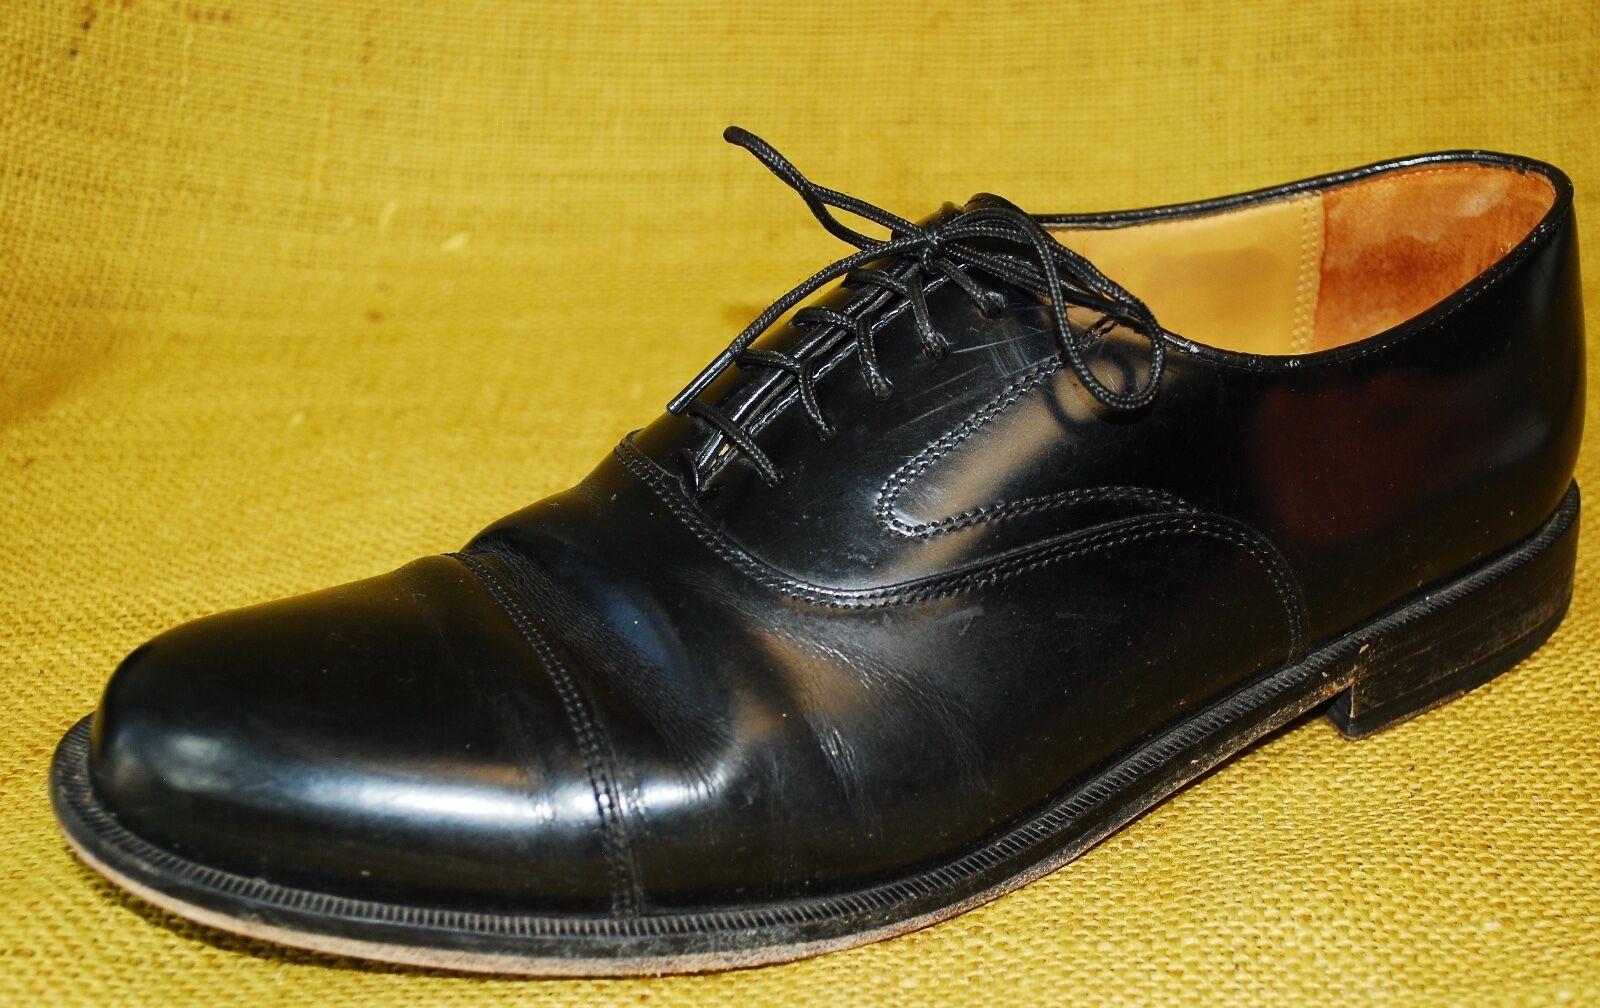 spedizione gratuita in tutto il mondo COLE HAAN HAAN HAAN nero Leather Cap Toe Oxford Dress scarpe Uomo 10.5 M Lace up  molto popolare